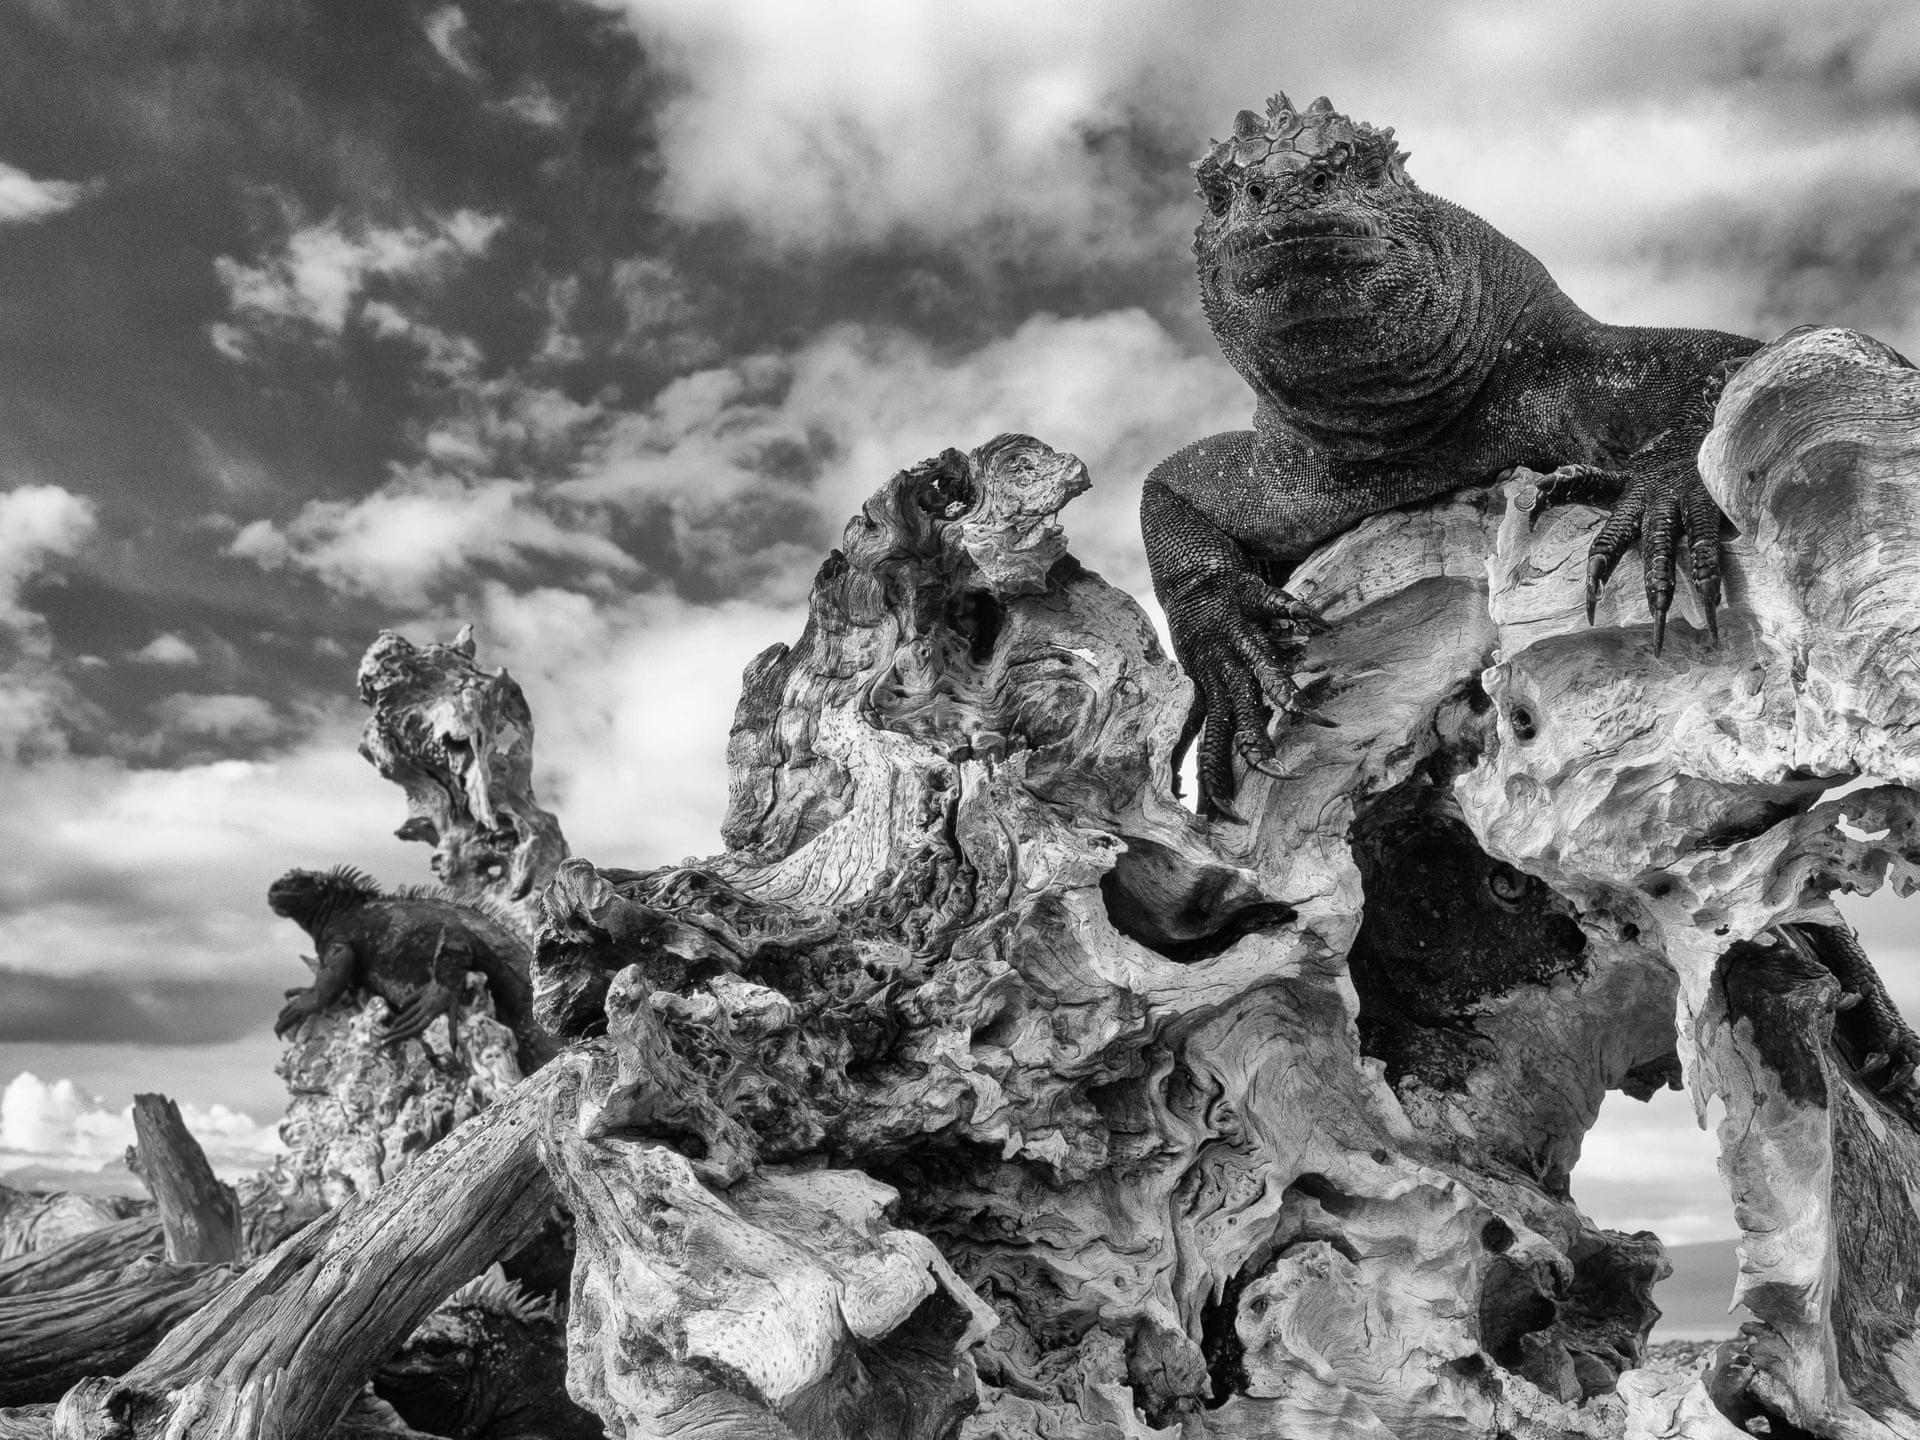 Морская игуана греется насолнце навулканическом архипелаге наГалапагосских островах. Это необходимо игуанам, чтобы быть активными.